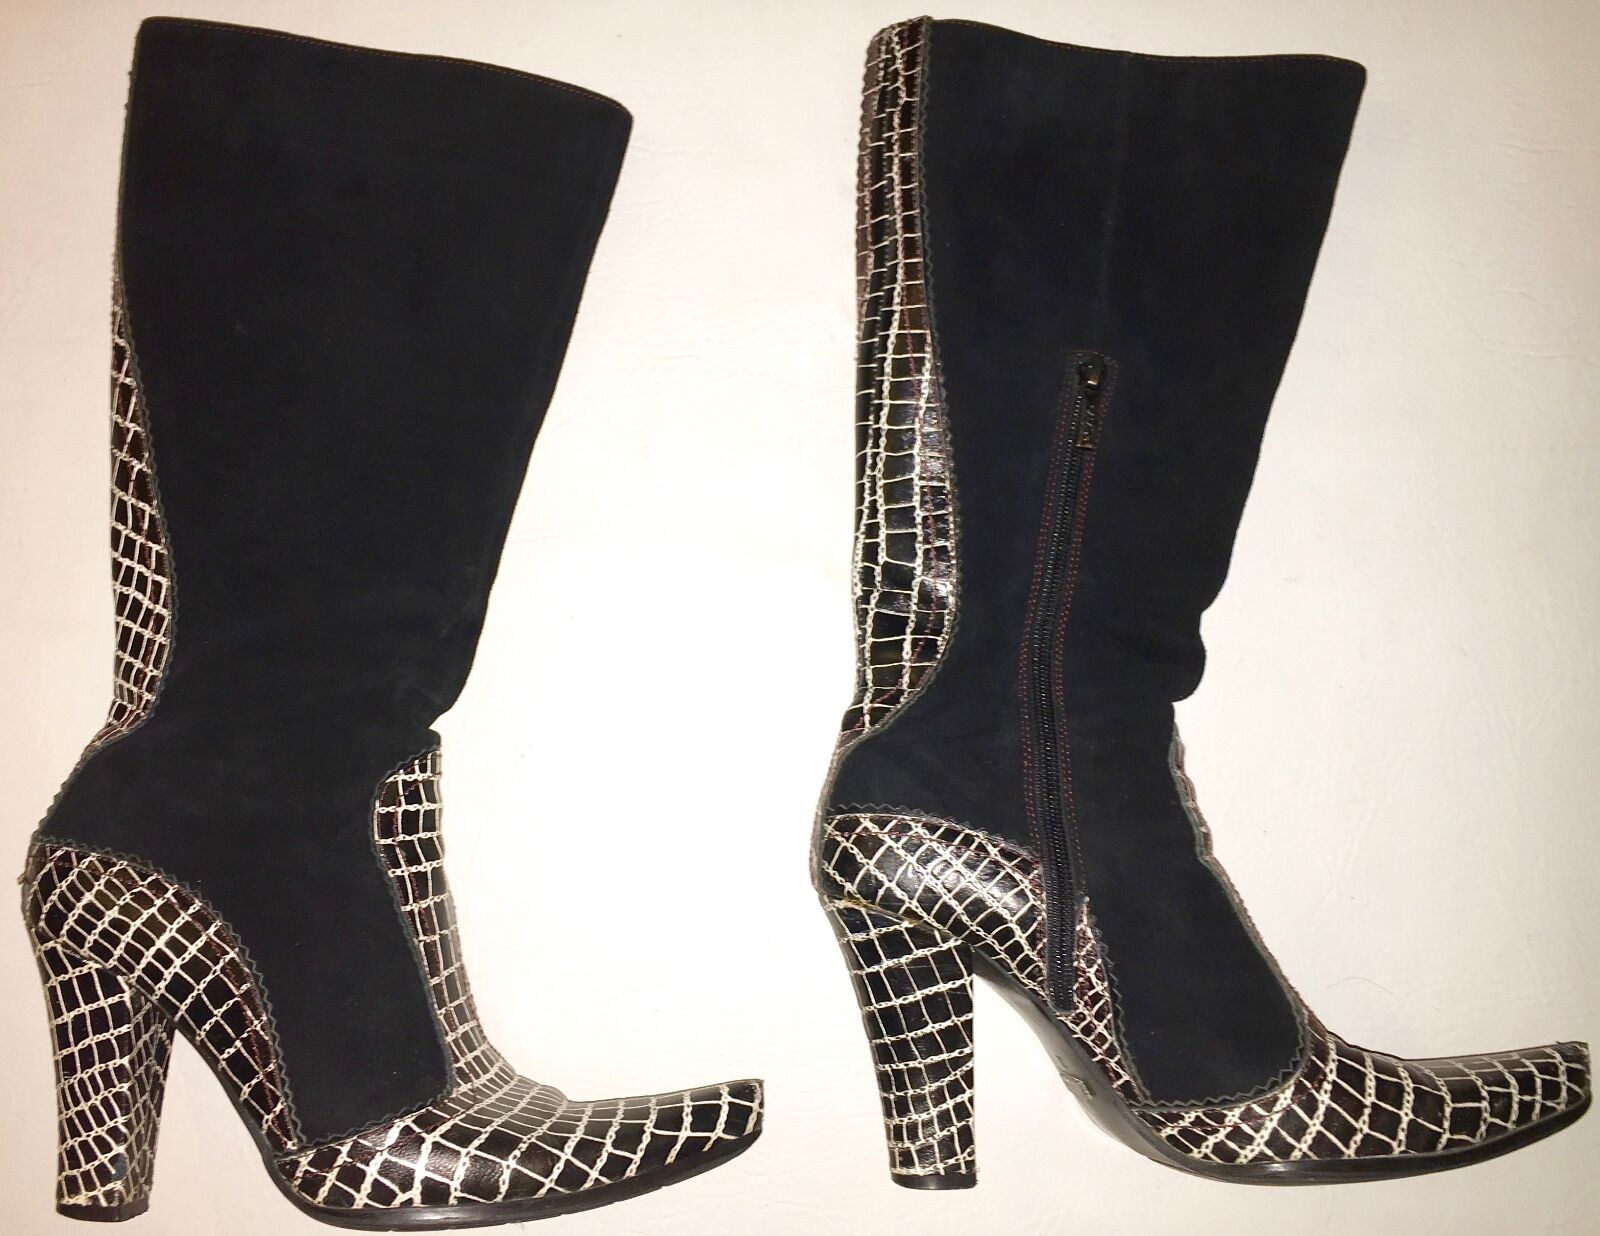 damen Größe 8 (38), (38), (38), schwarz & Weiß, SUADE PATTEN LEATHER Stiefel BY CASADEI dc78d3